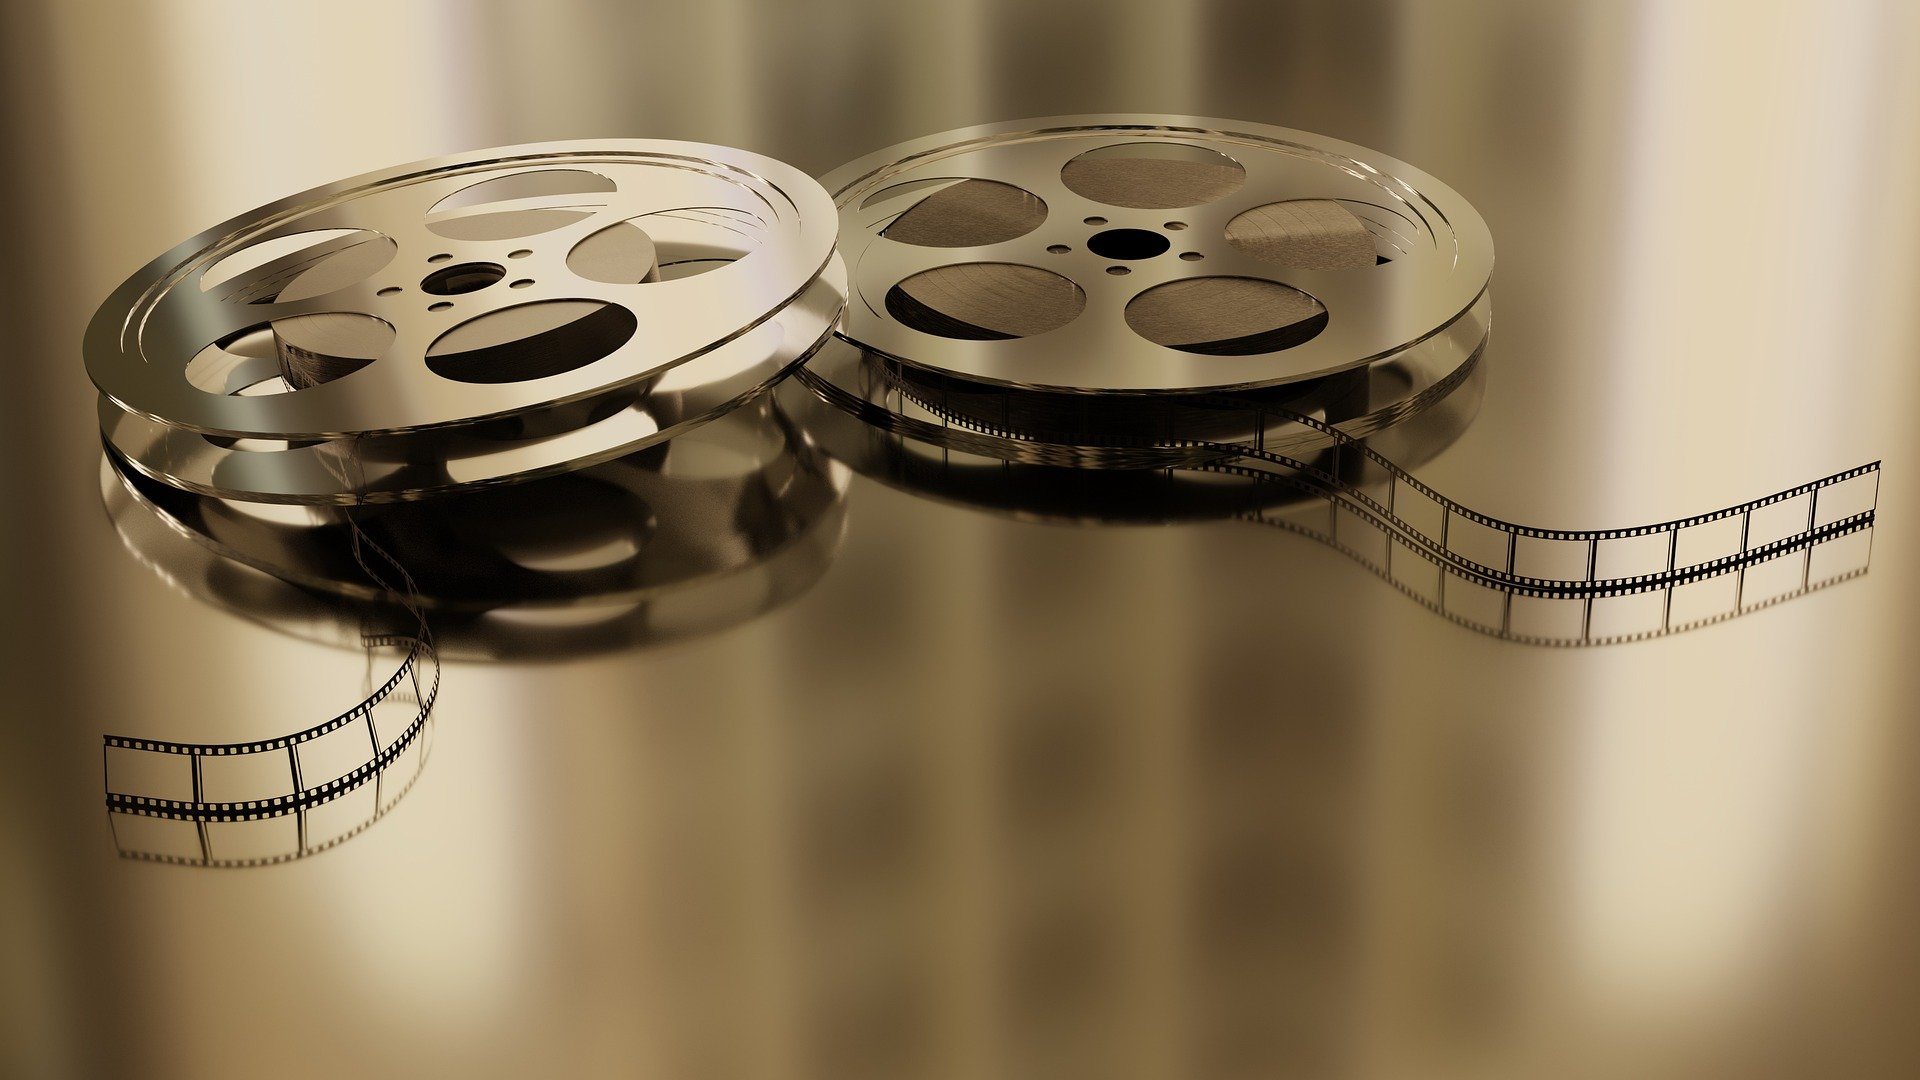 film-3057394_1920